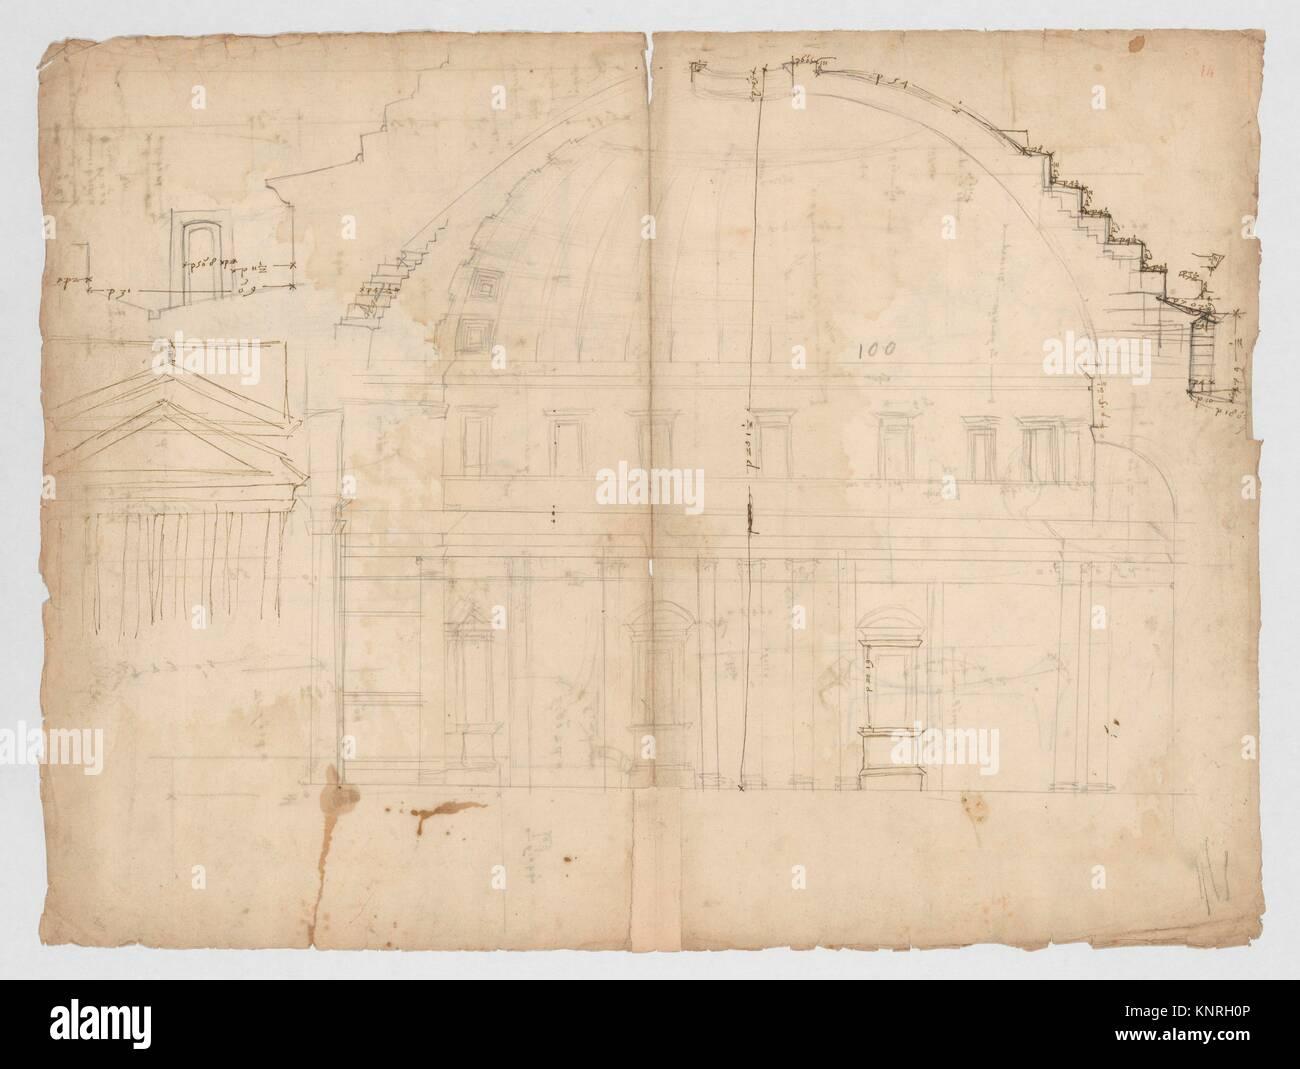 Panthéon, section (recto) Panthéon, capital, l'élévation; capital, plus de détails. Photo Stock